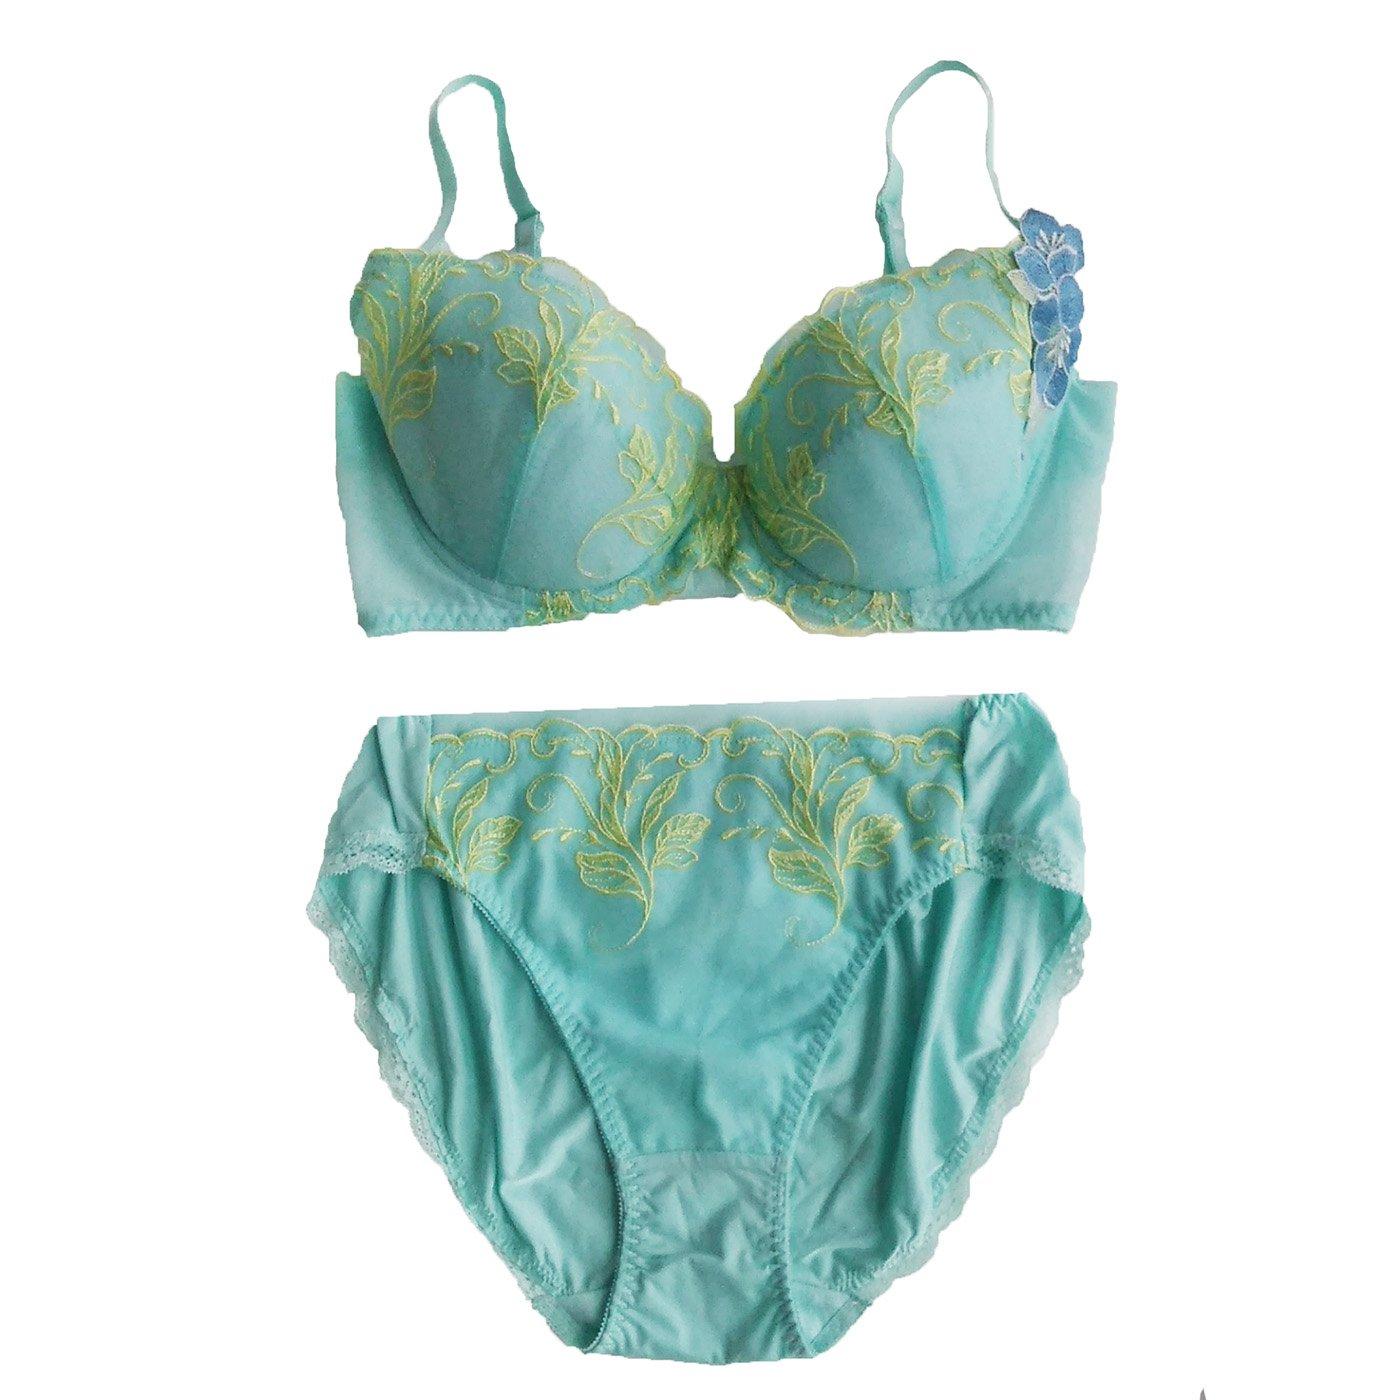 ボタニカルフラワーで優美な気分に満たされる 洗練印象ブラ&ショーツ〈ブルーグリーン〉